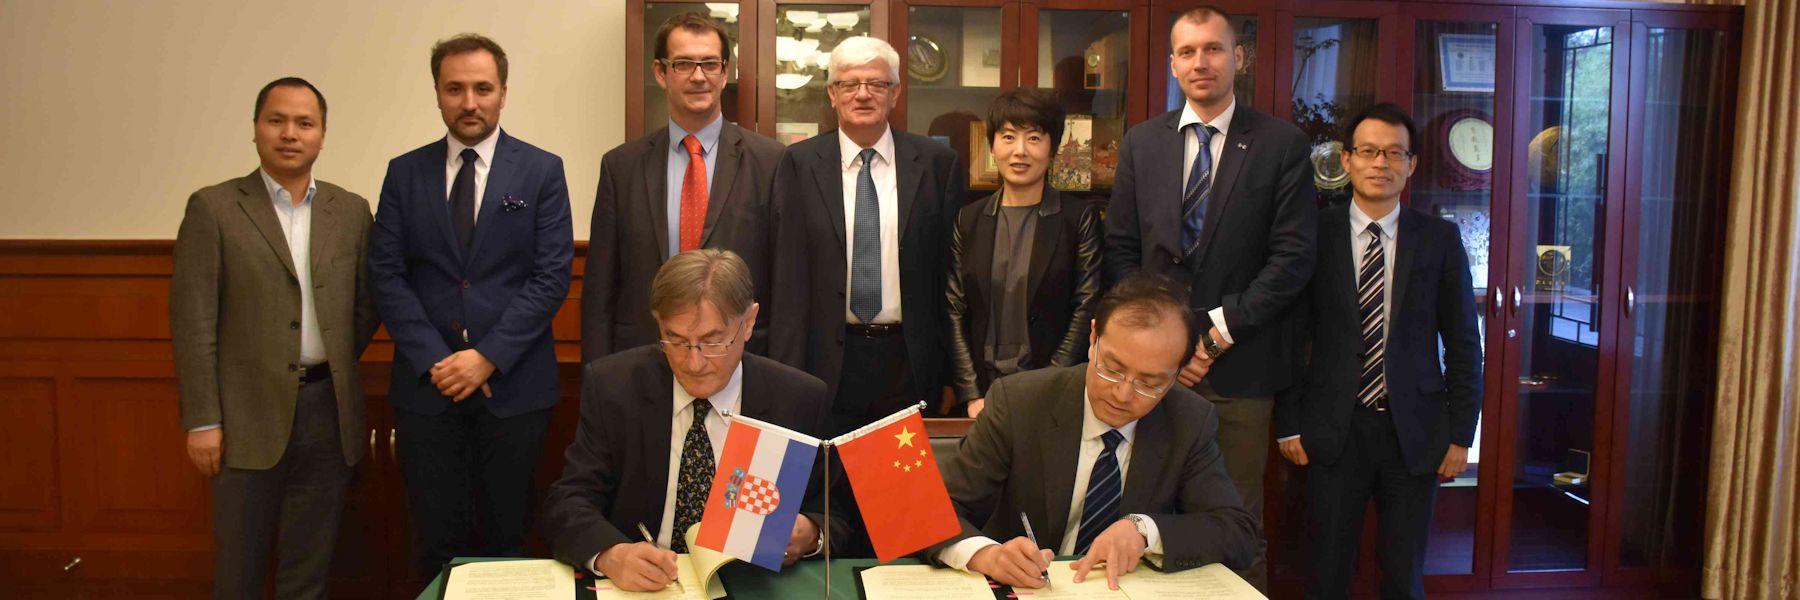 Tijekom uzvratnog posjeta sveučilištima u Kini potpisan sporazum o razmjeni nastavnika i studenata, zajedničkim projektima, istraživanjima i znanstvenim skupovima